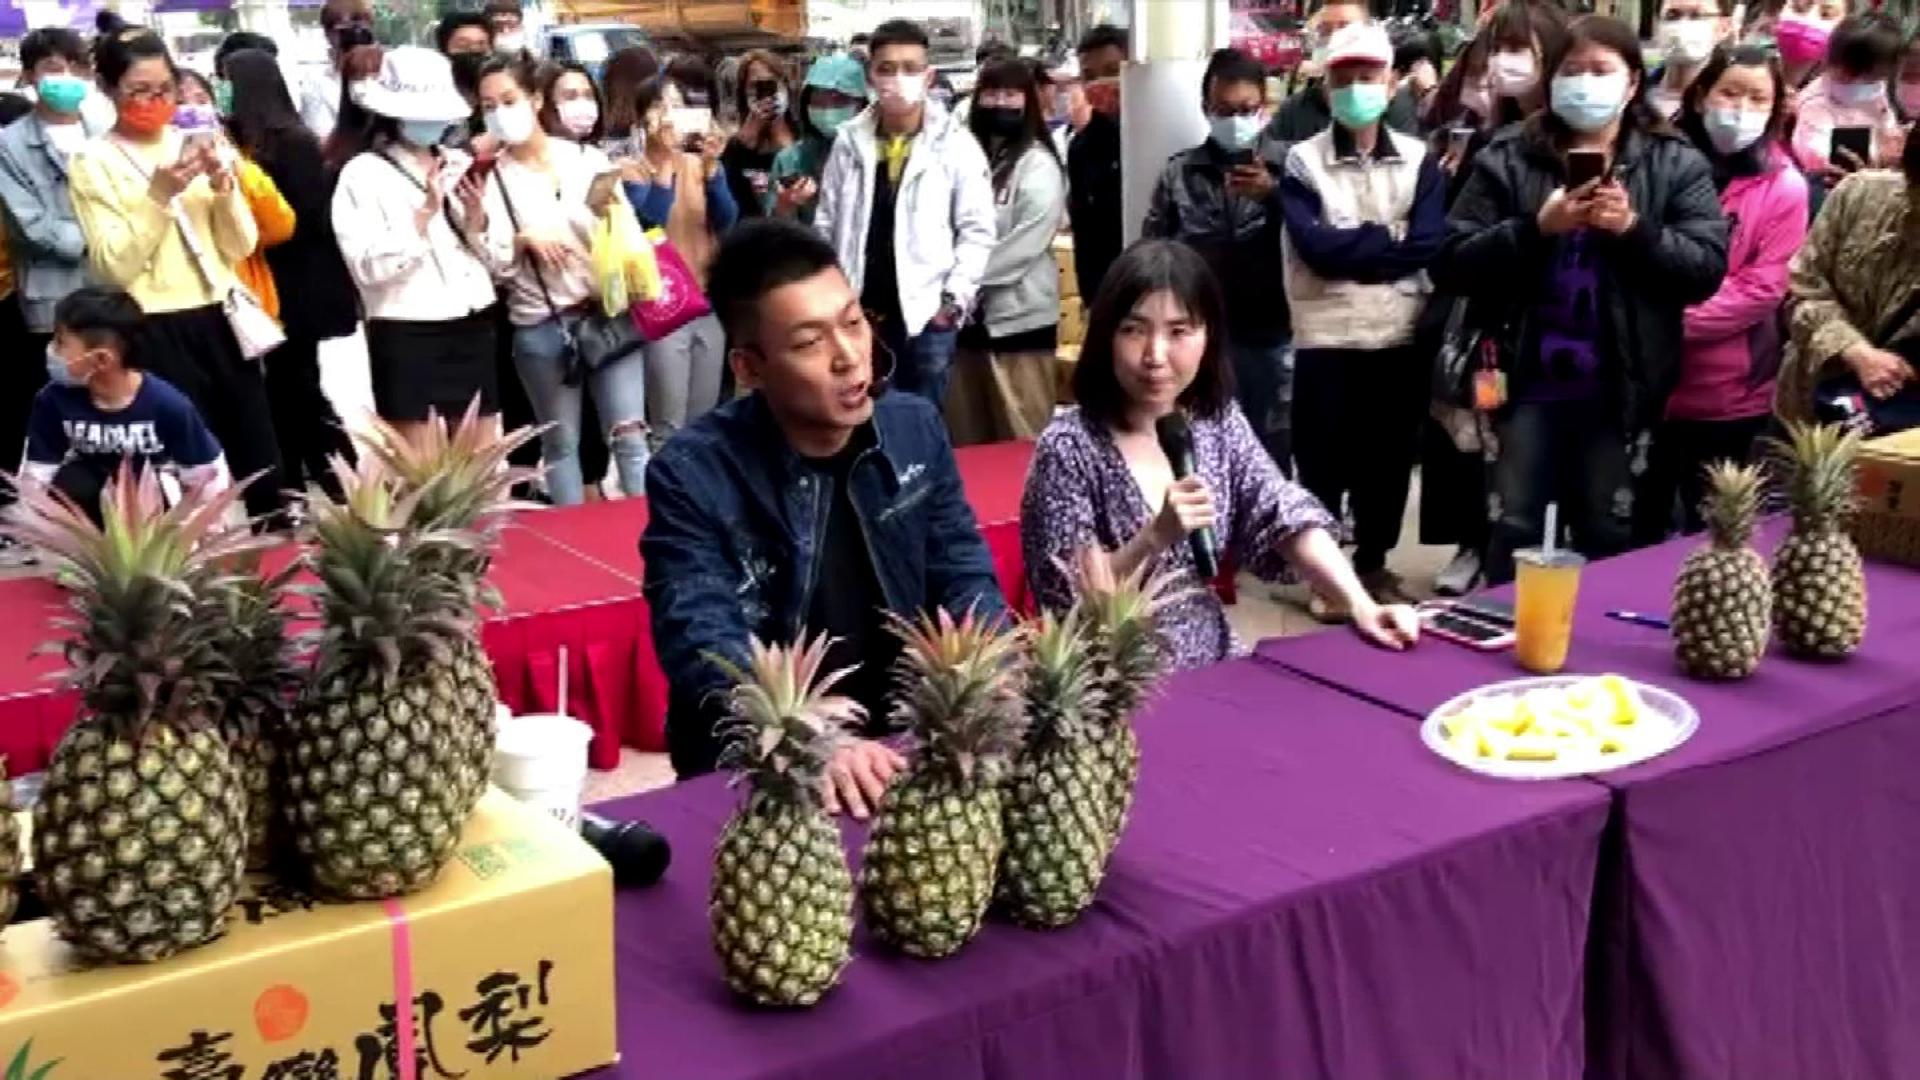 挺果農! 網紅「鳳梨鼠薯」台南賣鳳梨 吸上百粉絲搶購